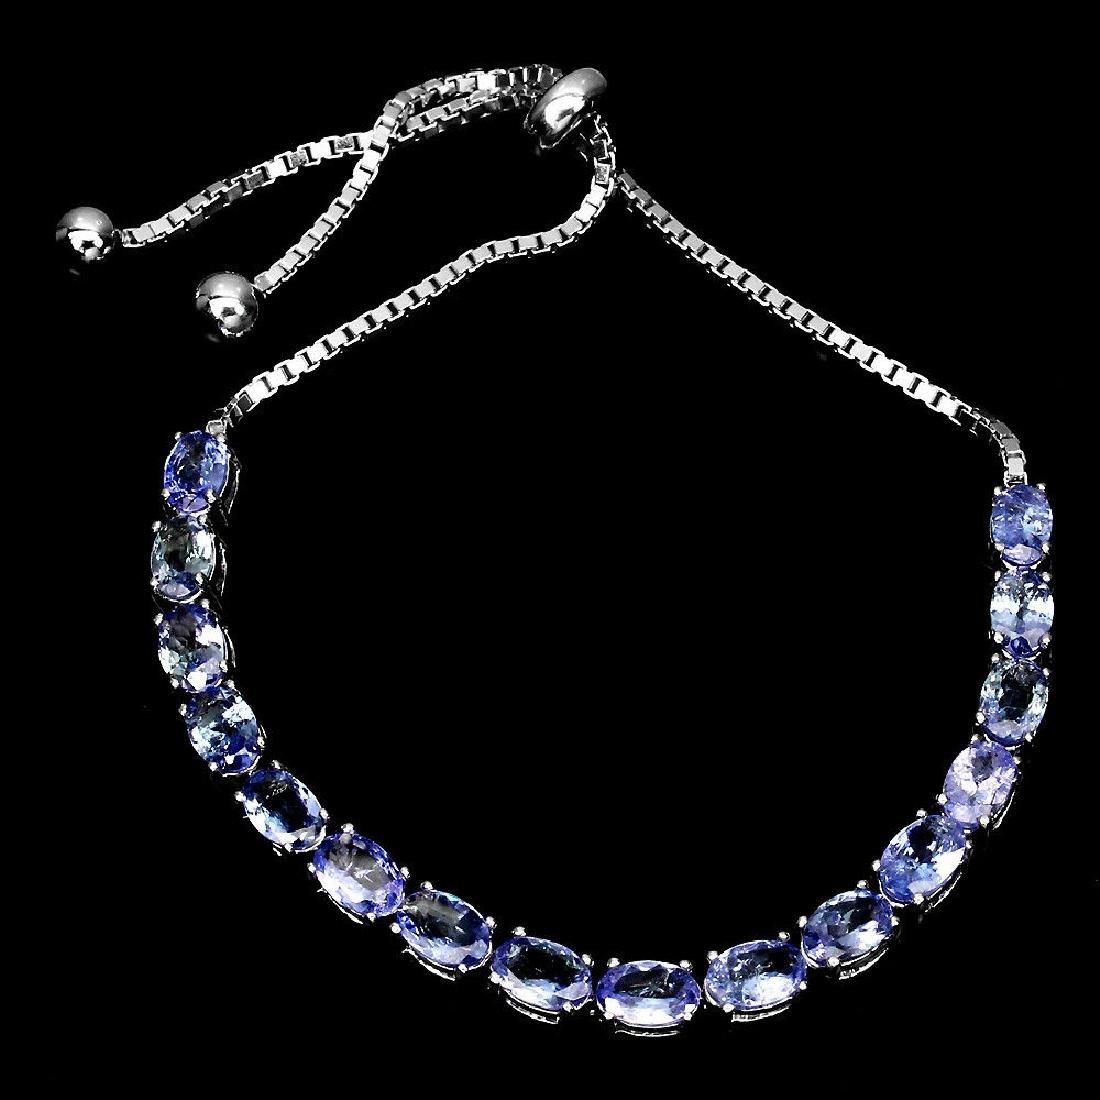 Natural  Blue Violet Tanzanite  Bracelet - 2